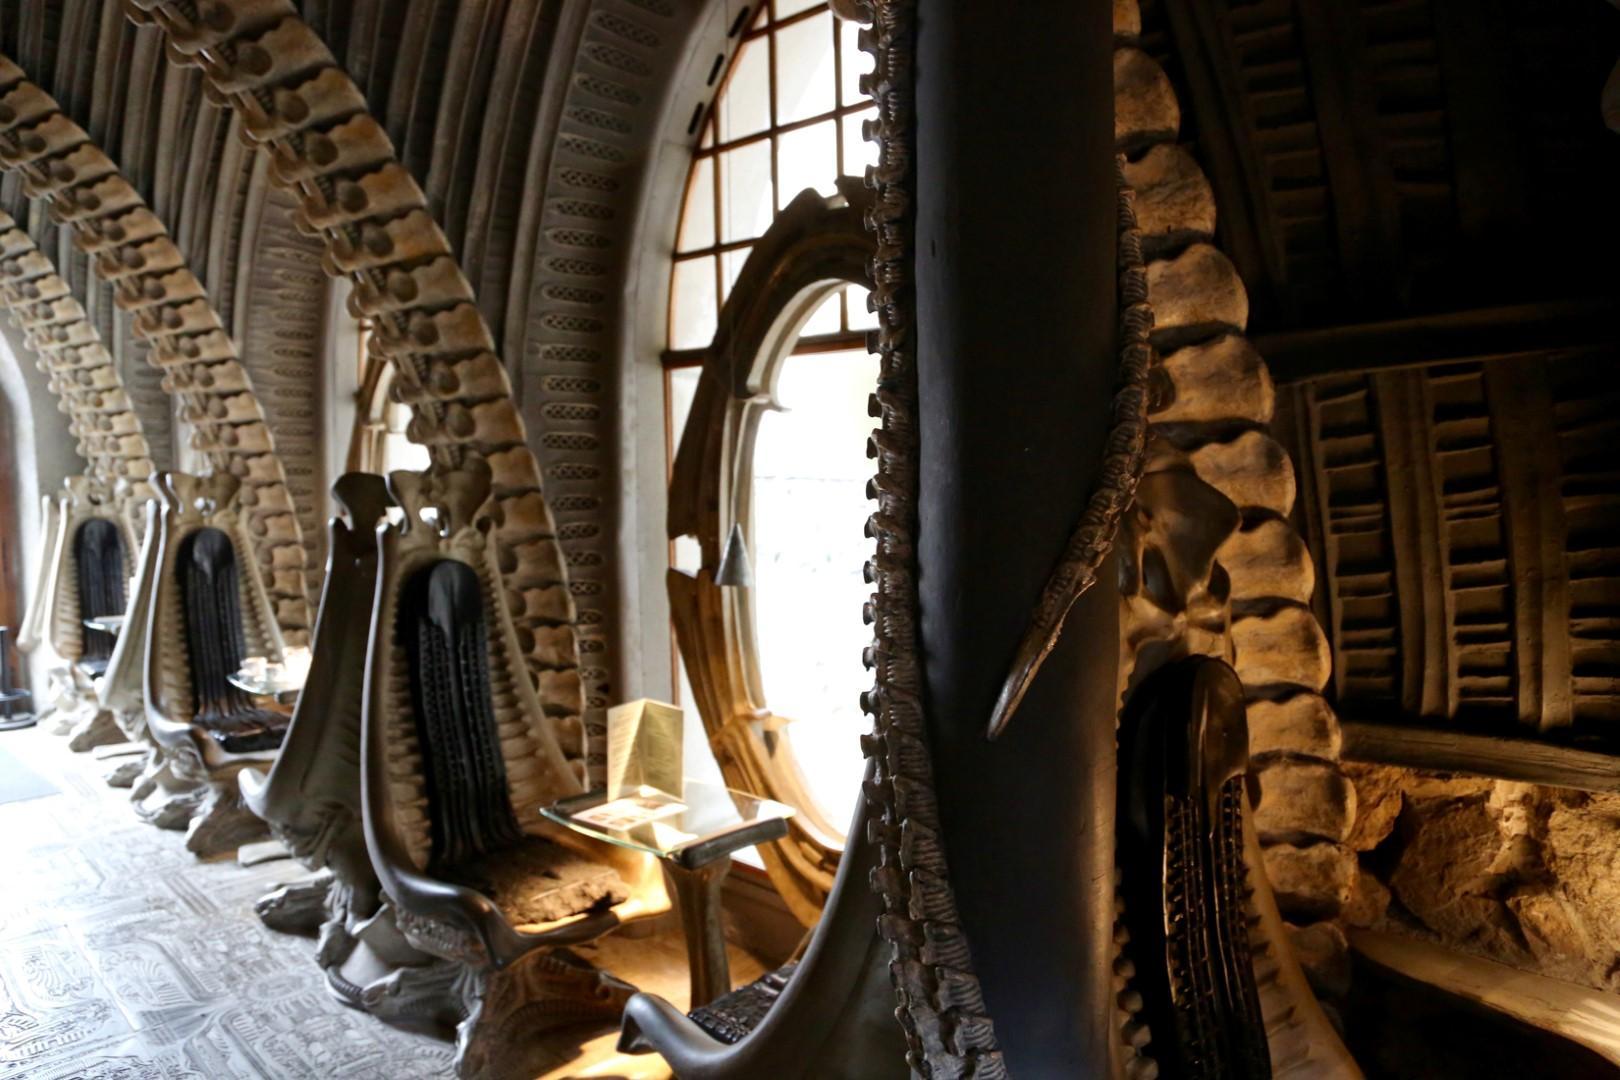 Svizzera: il borgo di Gruyères e il suo celebre formaggio